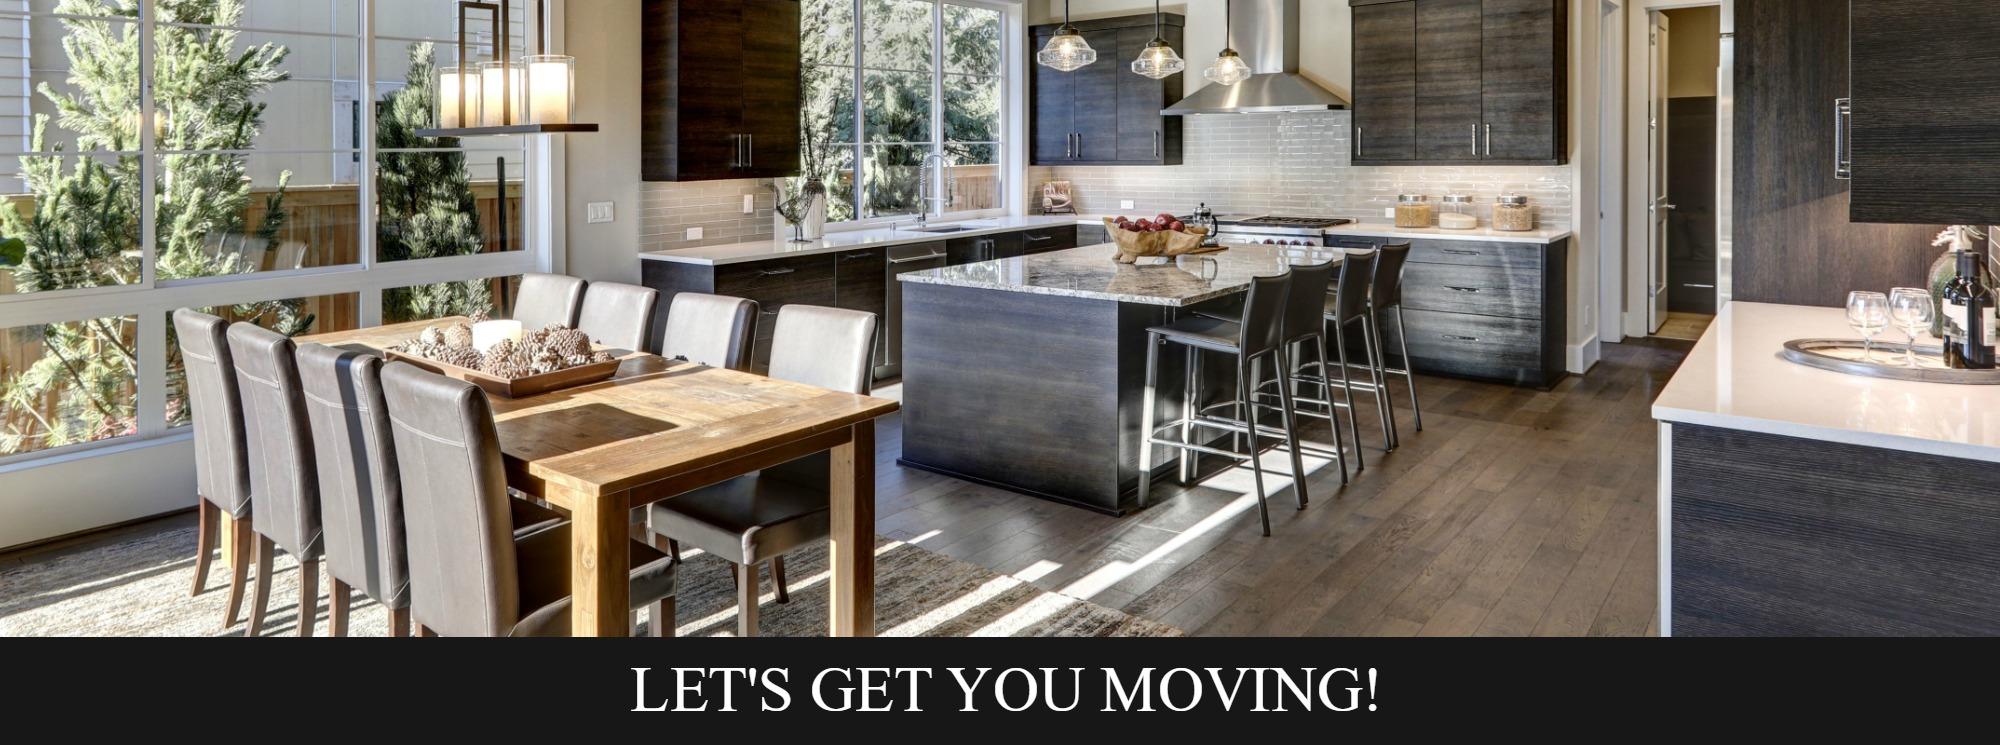 Let's Get You Moving! Enrique Aguilar